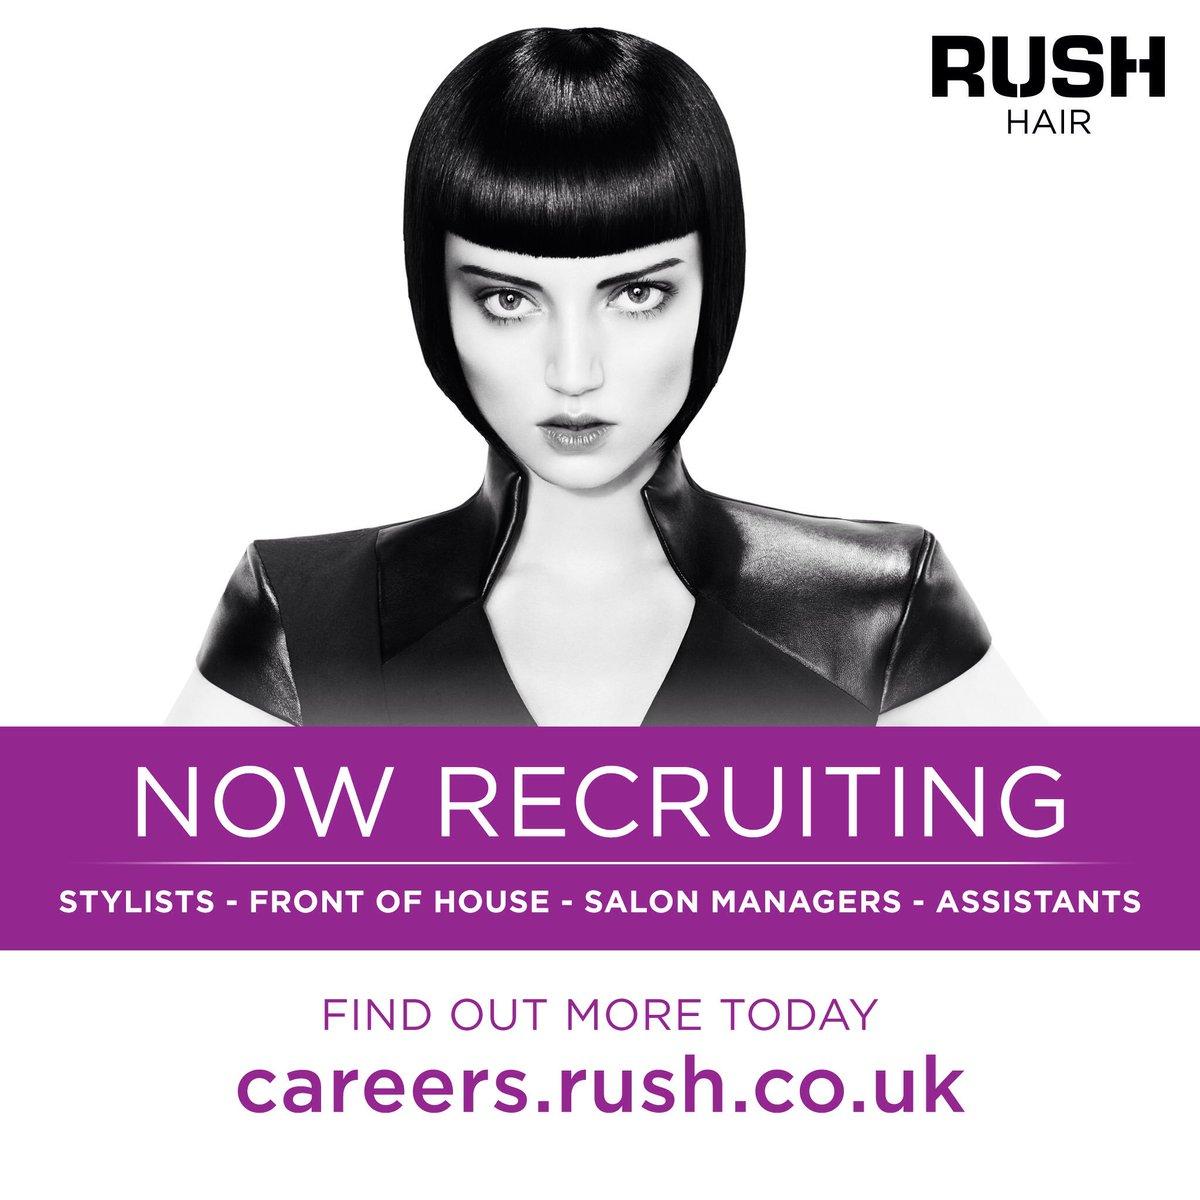 Rush hair careers